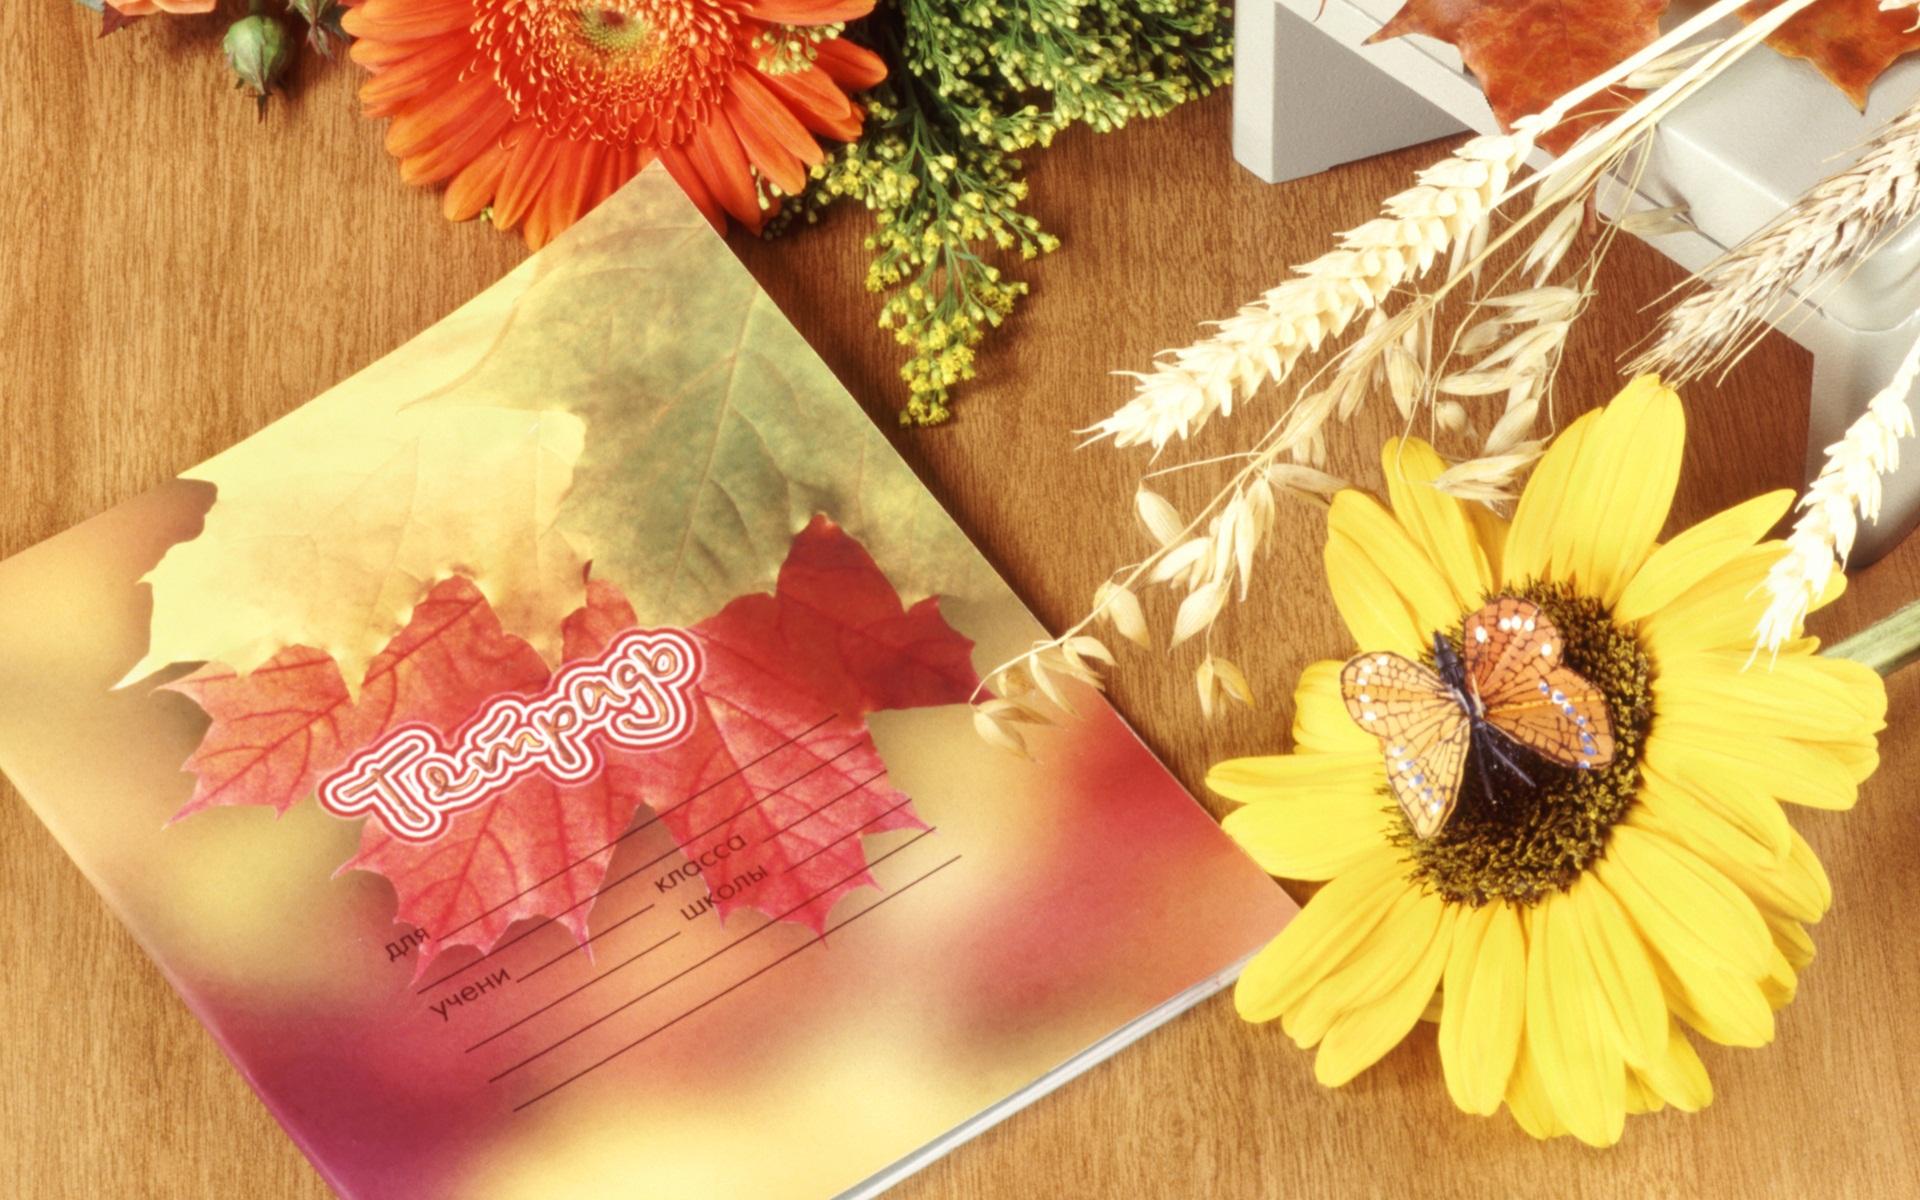 картинки осень на первое сентября стройности нины